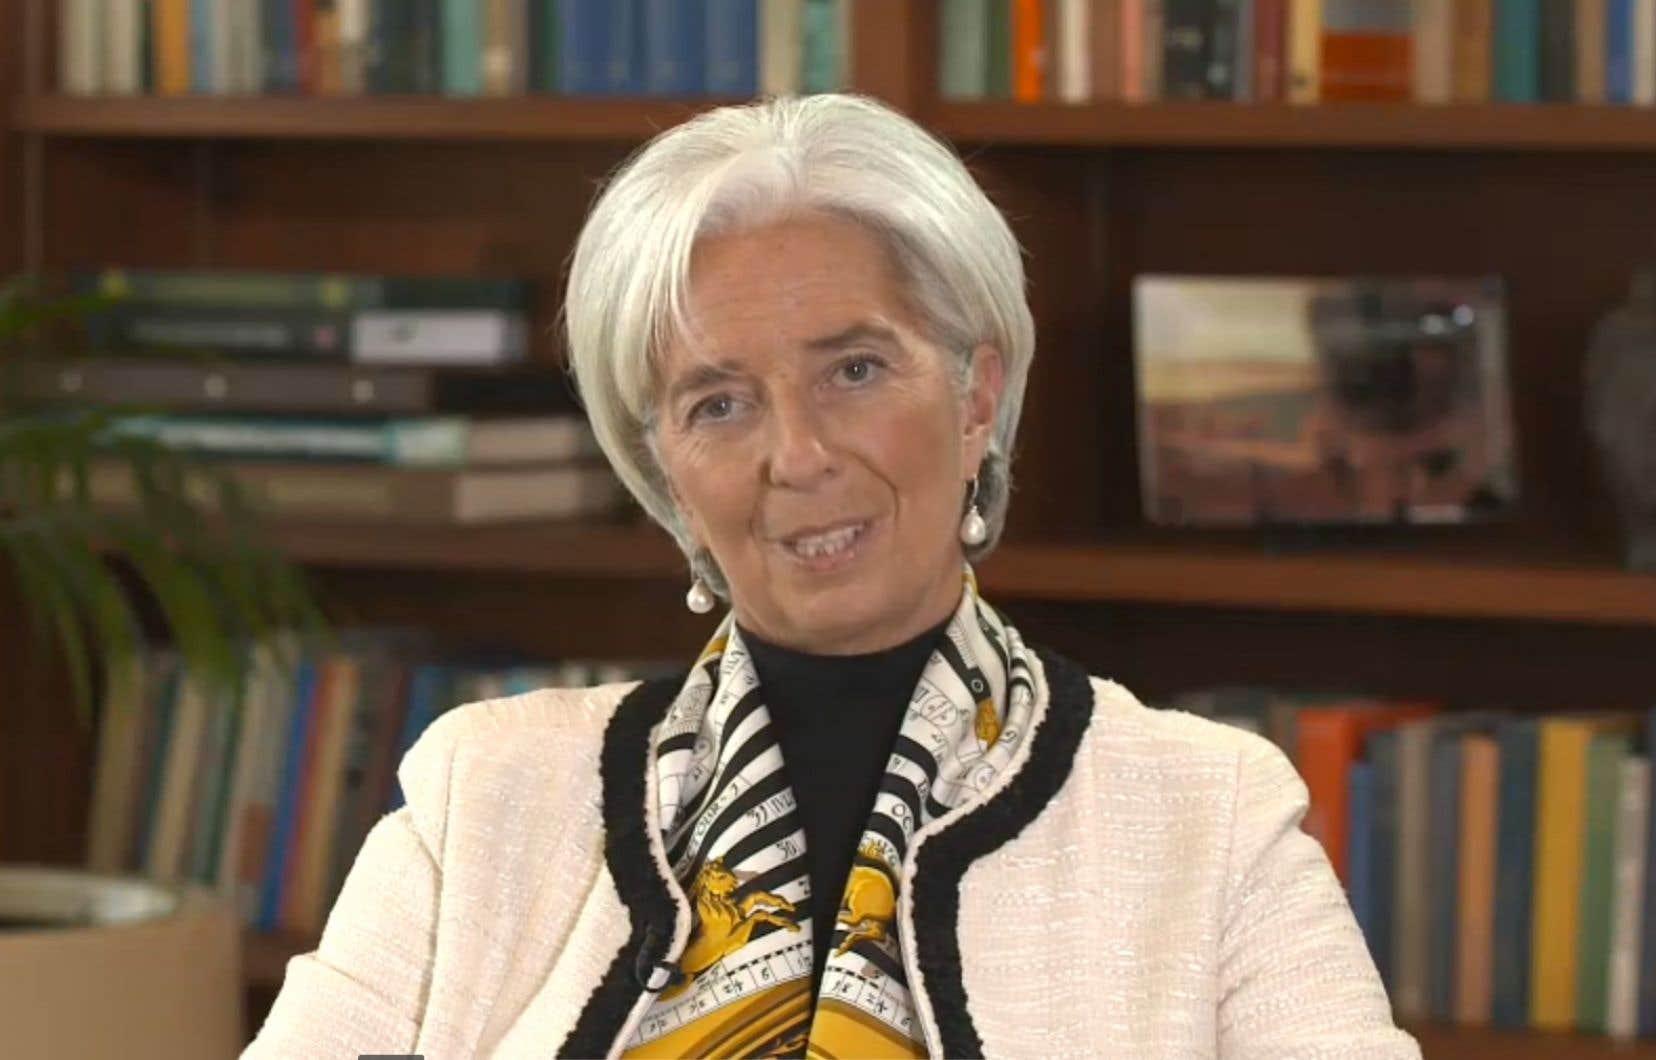 La maison de la directrice du FMI, Christine Lagarde, a été fouillée par la police.